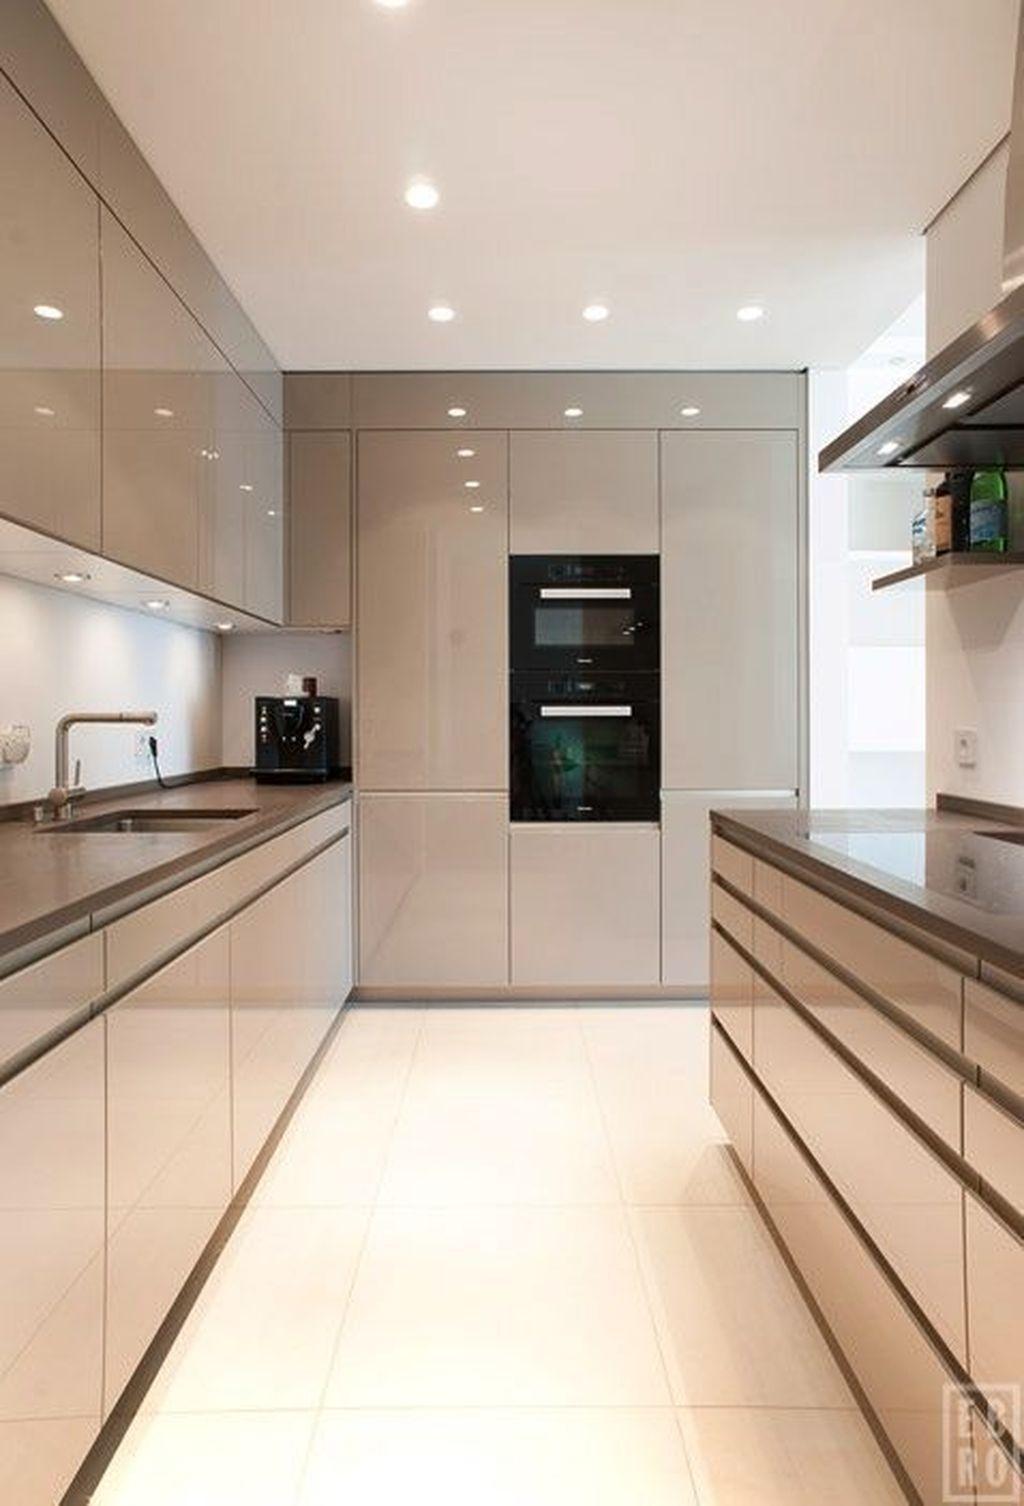 35 The Best Modern Kitchen Design Ideas Kitchen Room Design Contemporary Kitchen Design Modern Kitchen Design